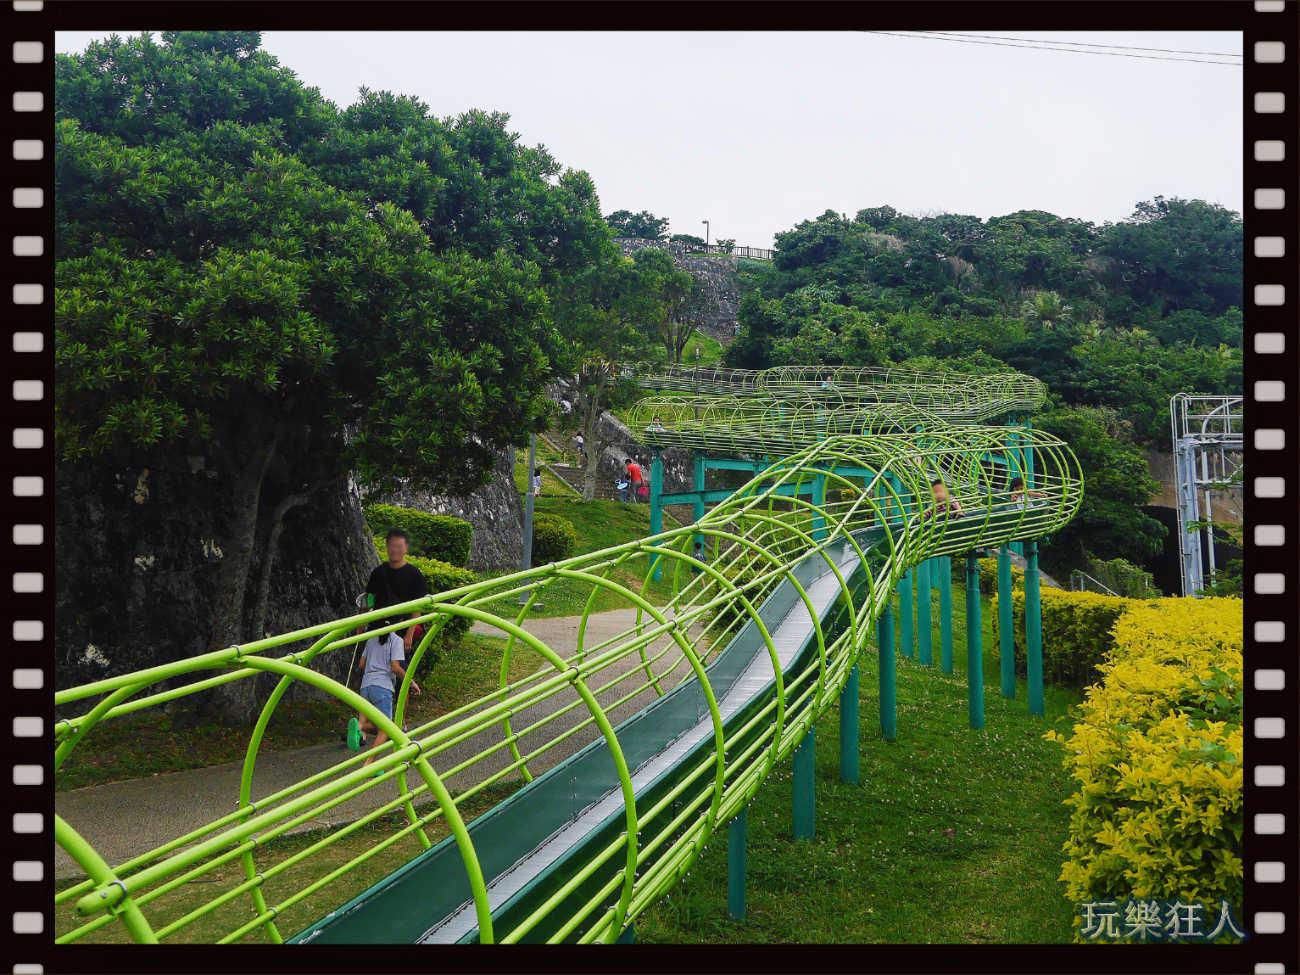 『浦添大公園』滾輪溜滑梯全景